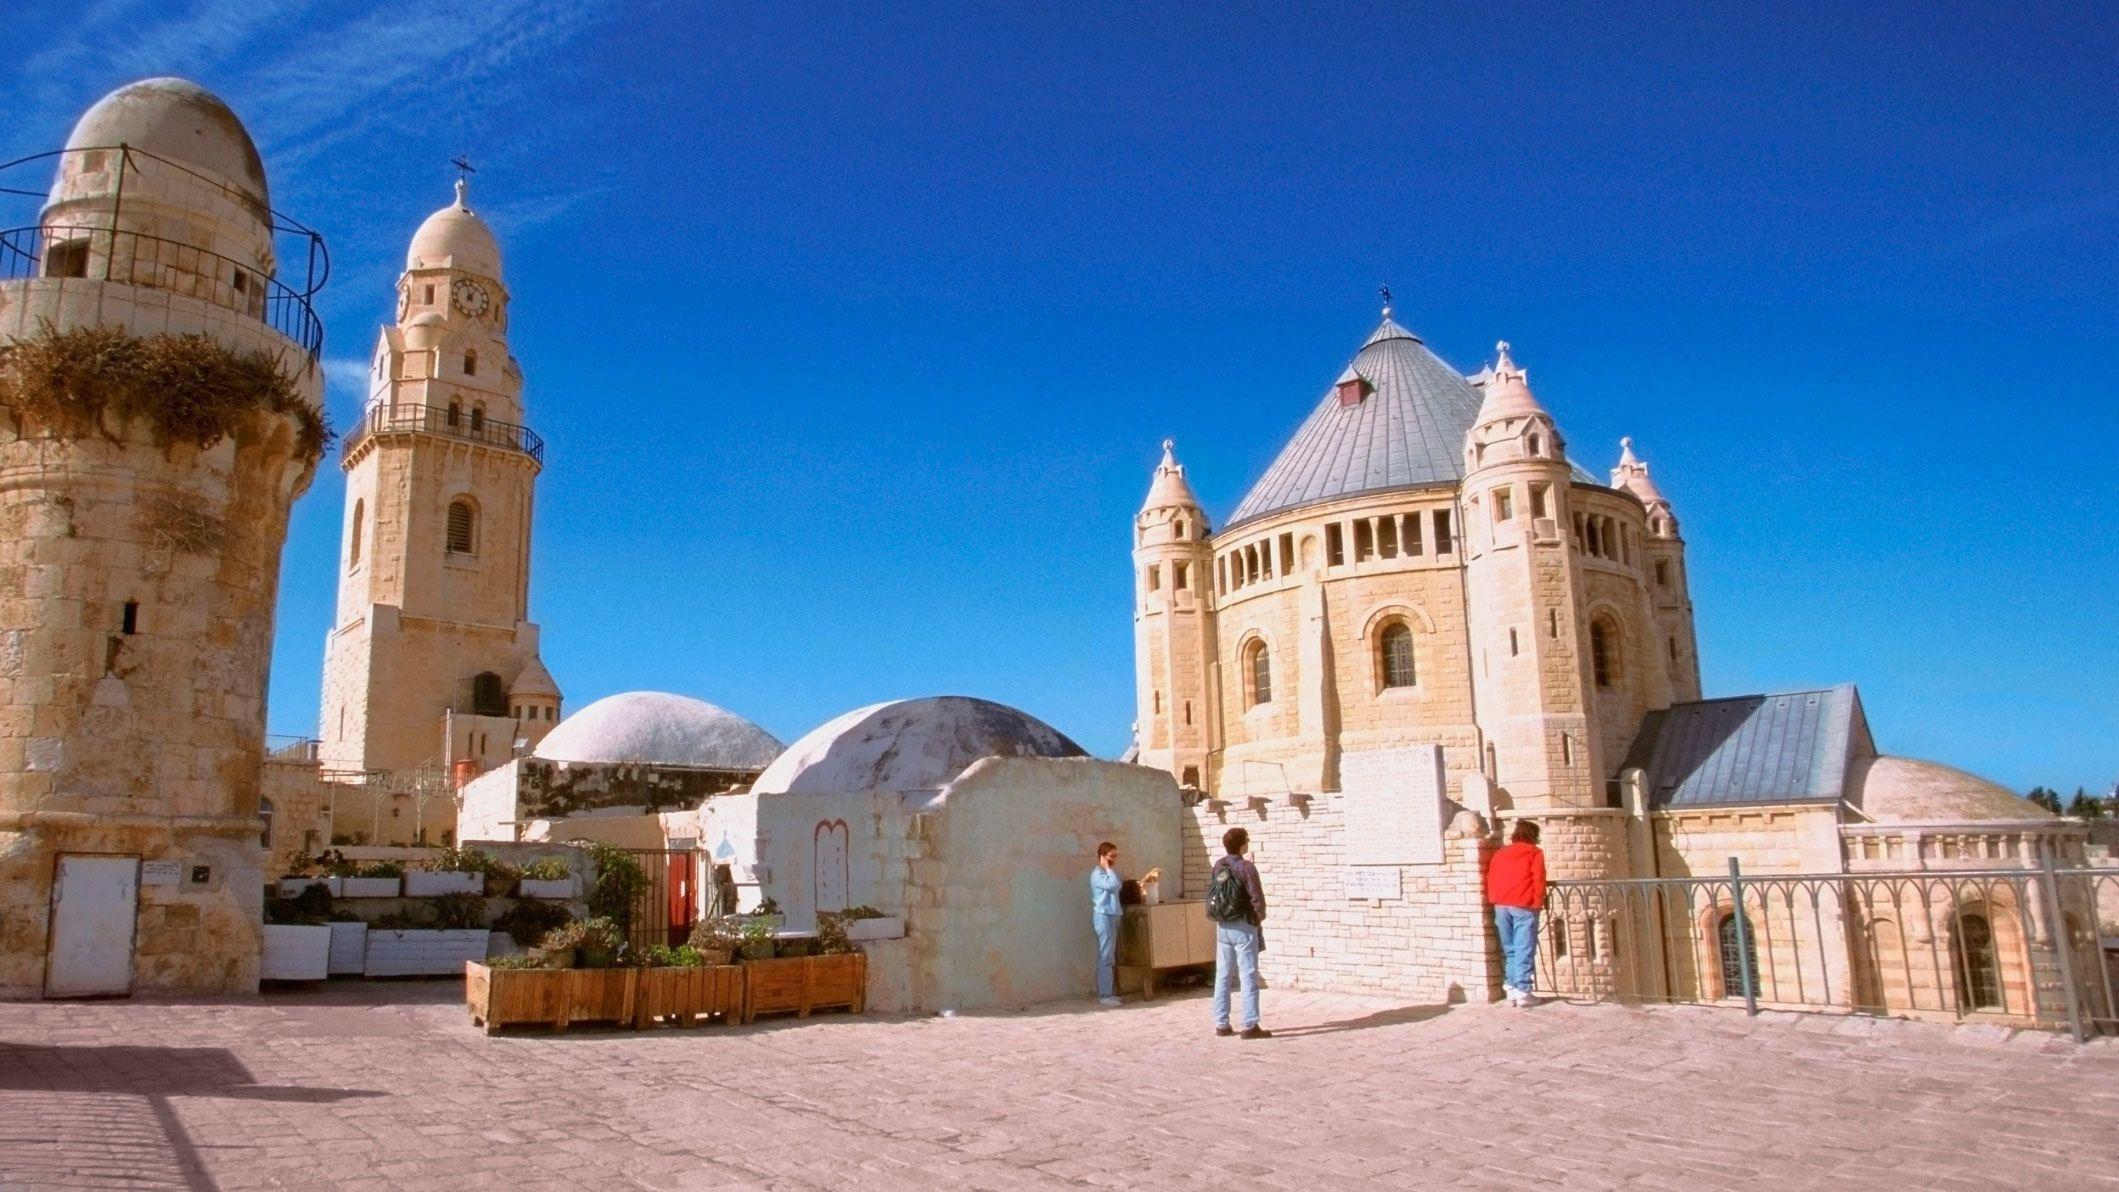 People outside the dormition abbey in Jerusalem